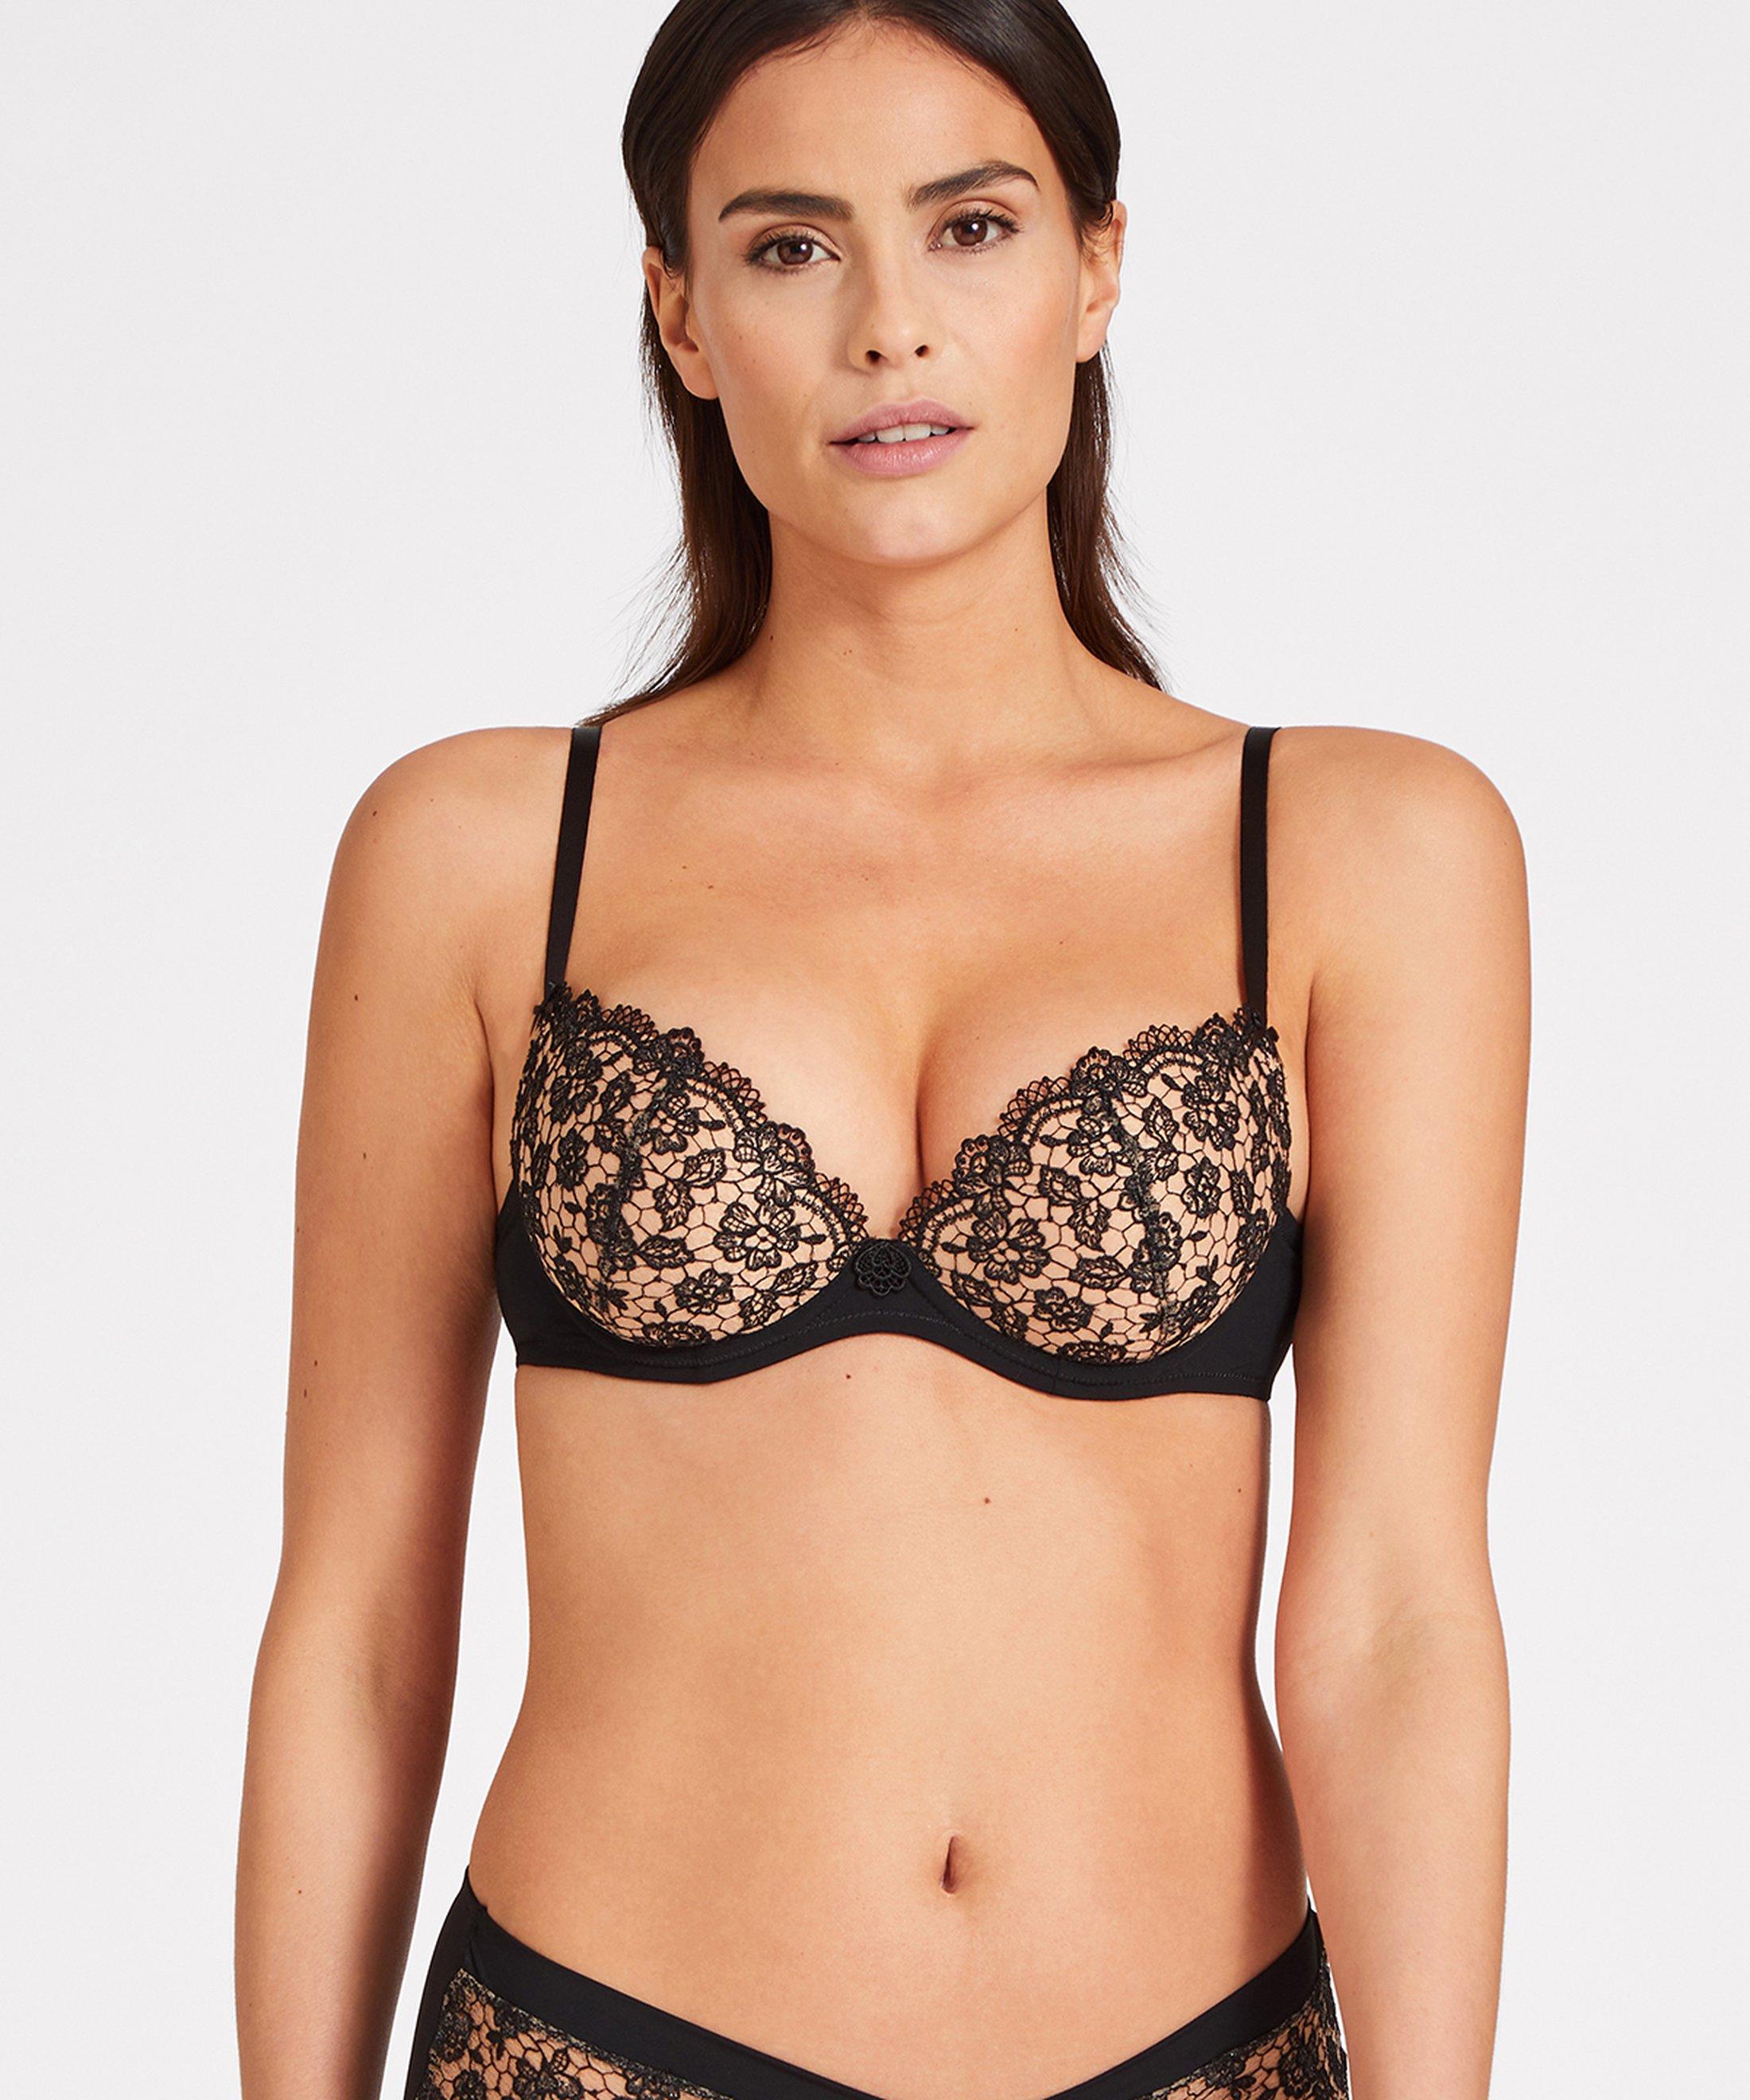 SECRET DE CHARME Moulded push-up bra Black | Aubade